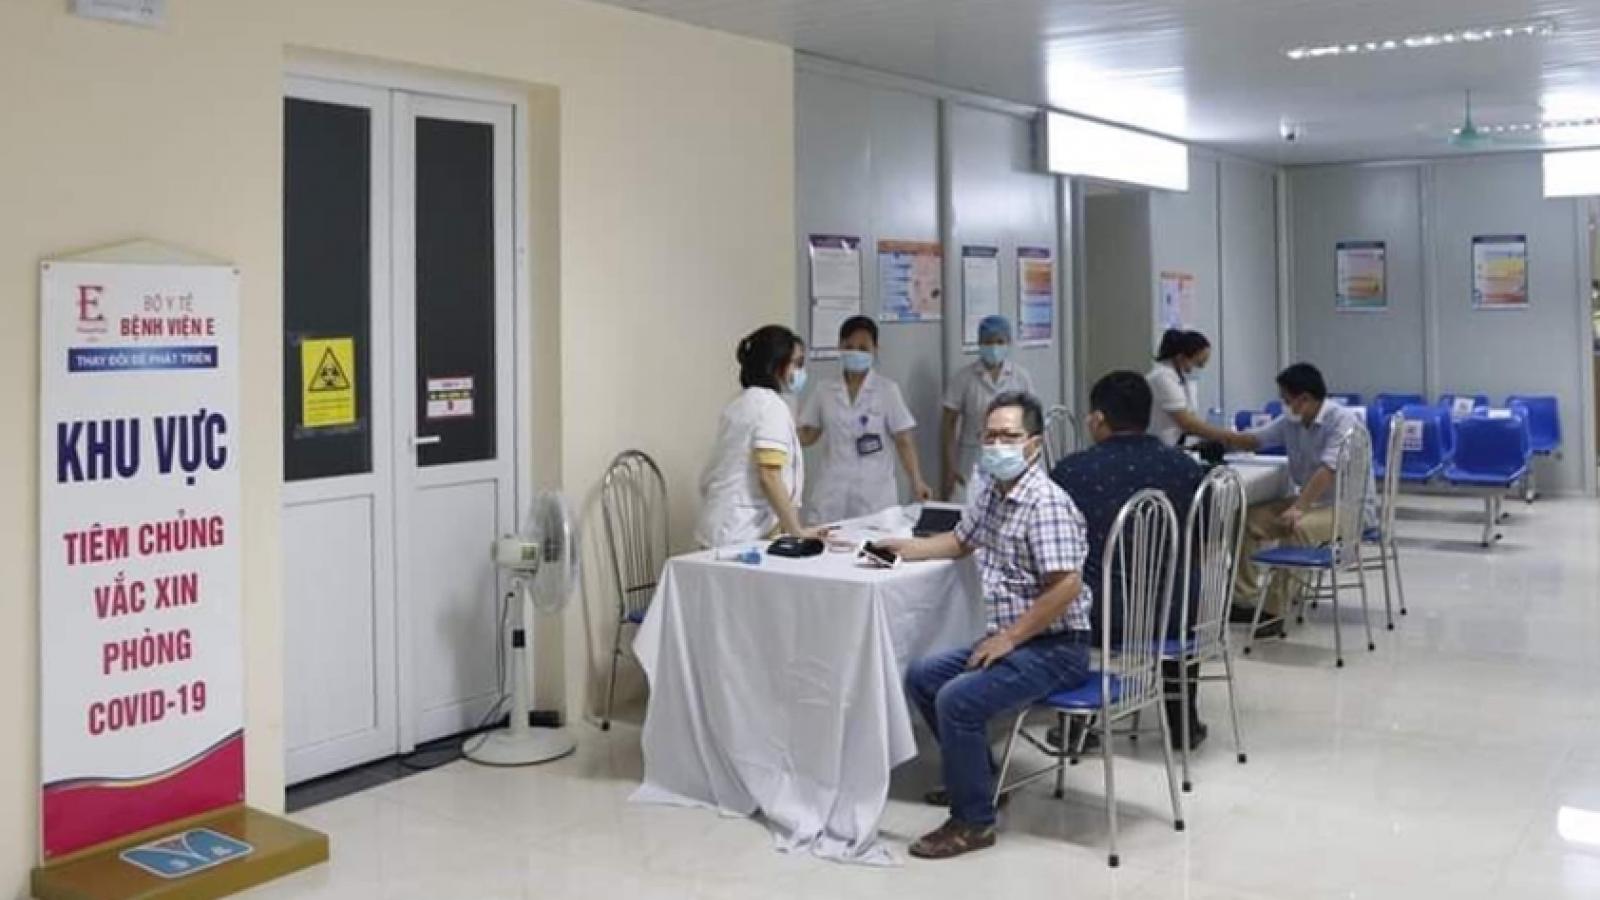 Giám đốc Bệnh viện E lên tiếng về tình trạng người dân xếp hàng tiêm vaccine